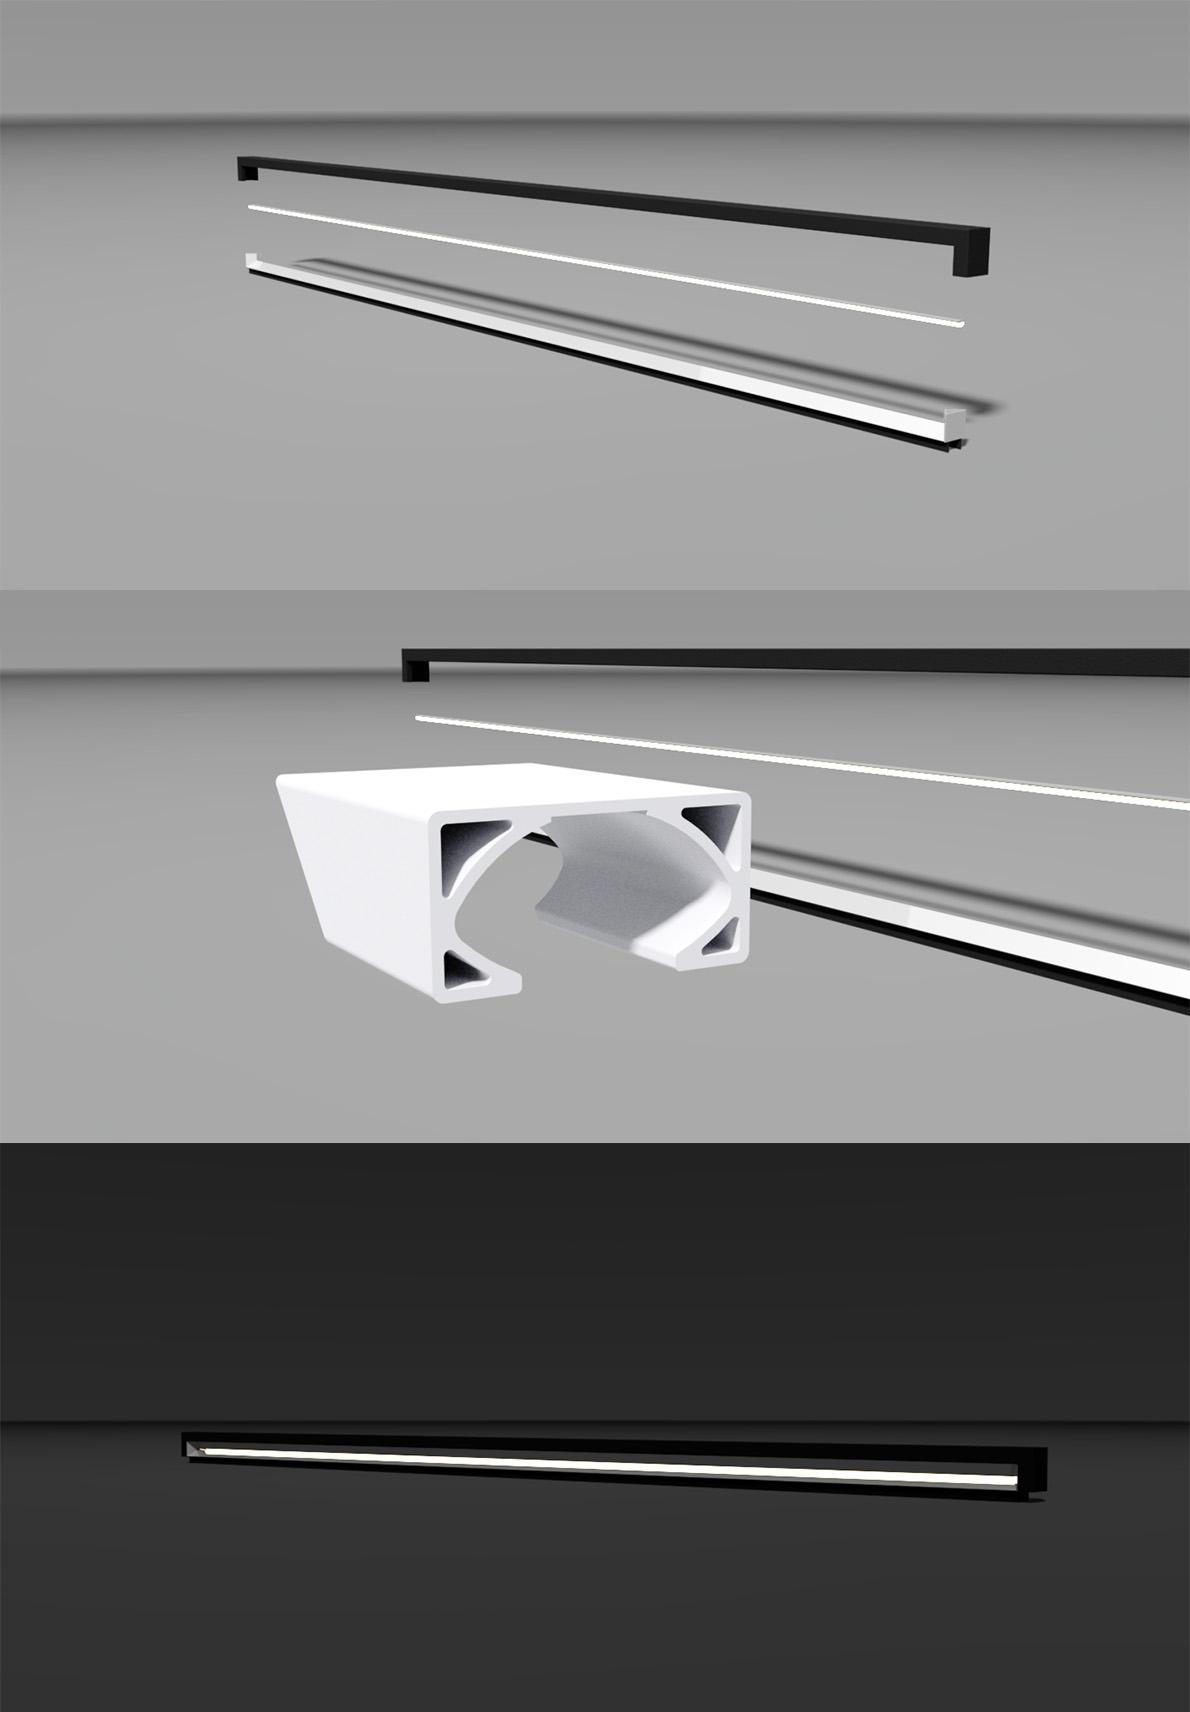 Lampontwerp-rendering